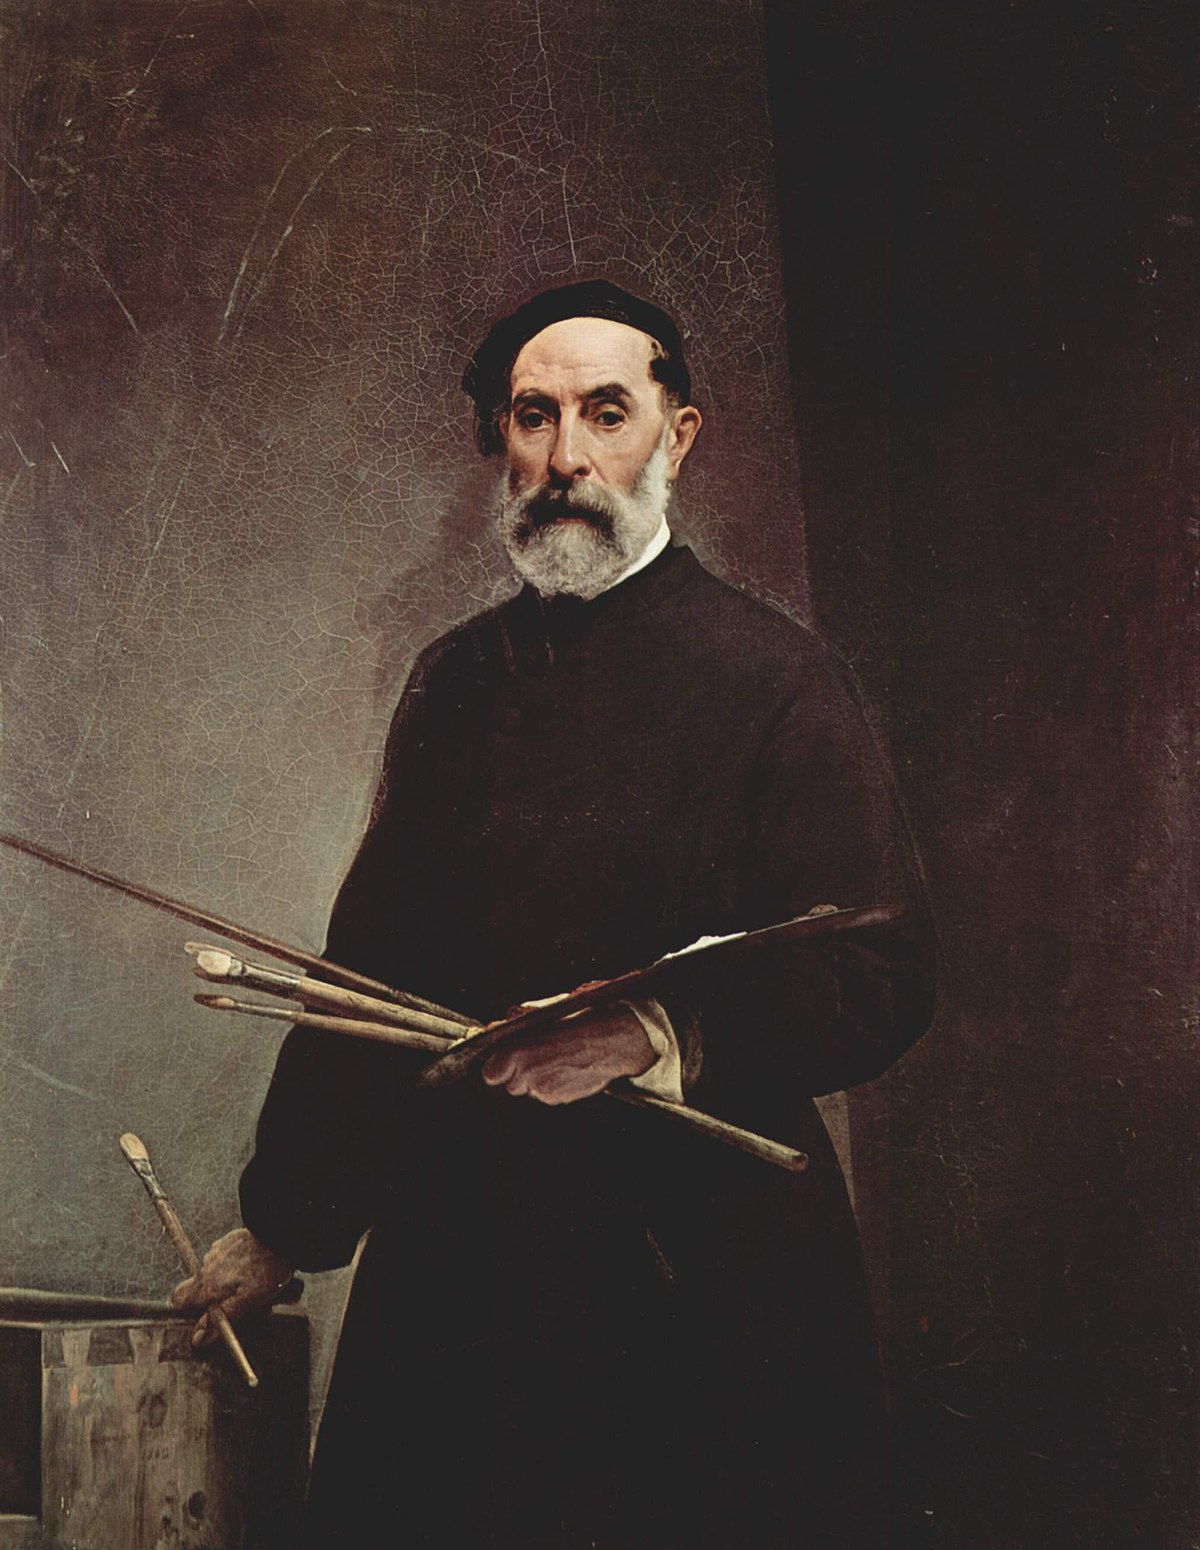 Francesco Hayez - Wikipedia